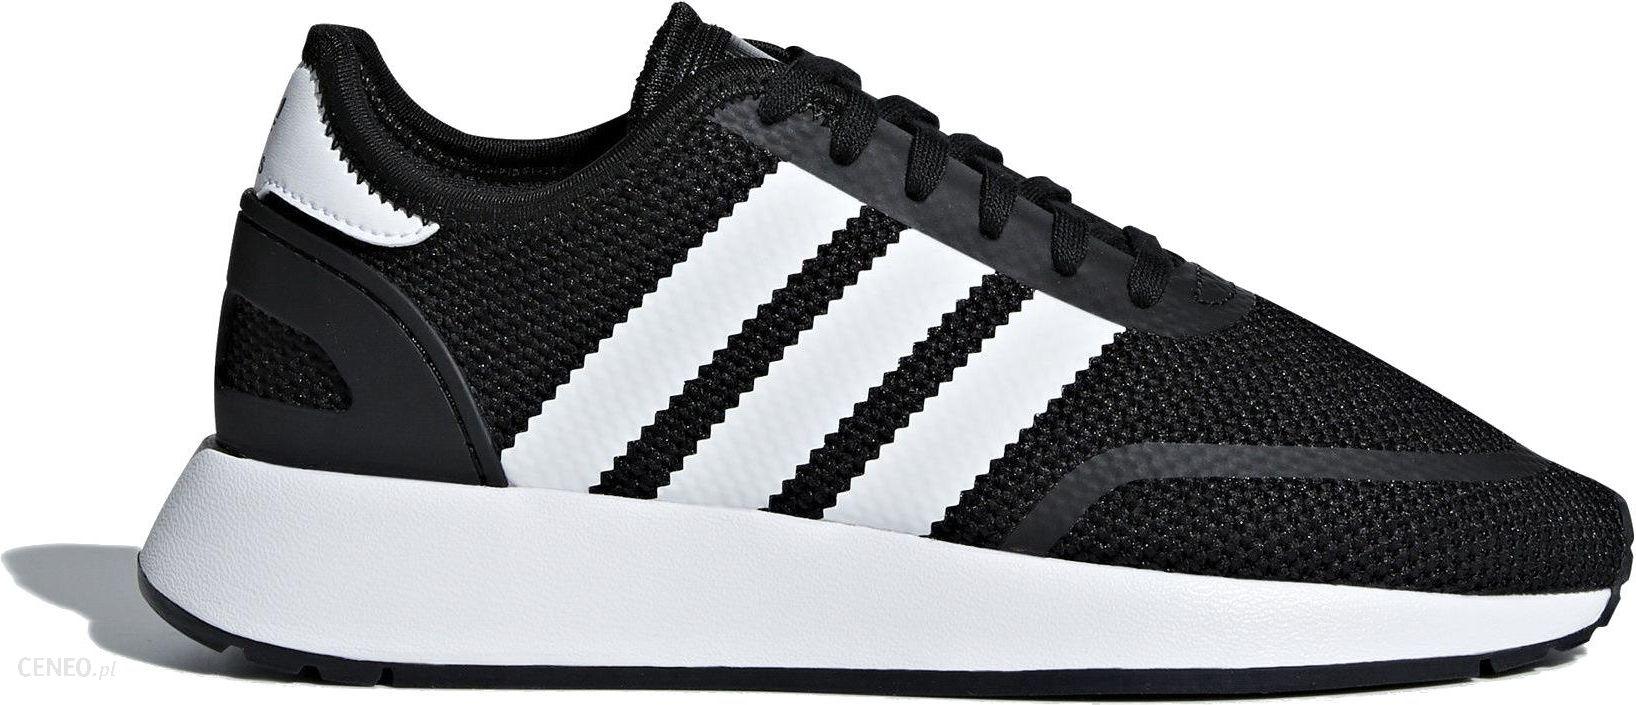 Adidas Originals N 5923 Iniki Runner D96692 Ceny i opinie Ceneo.pl